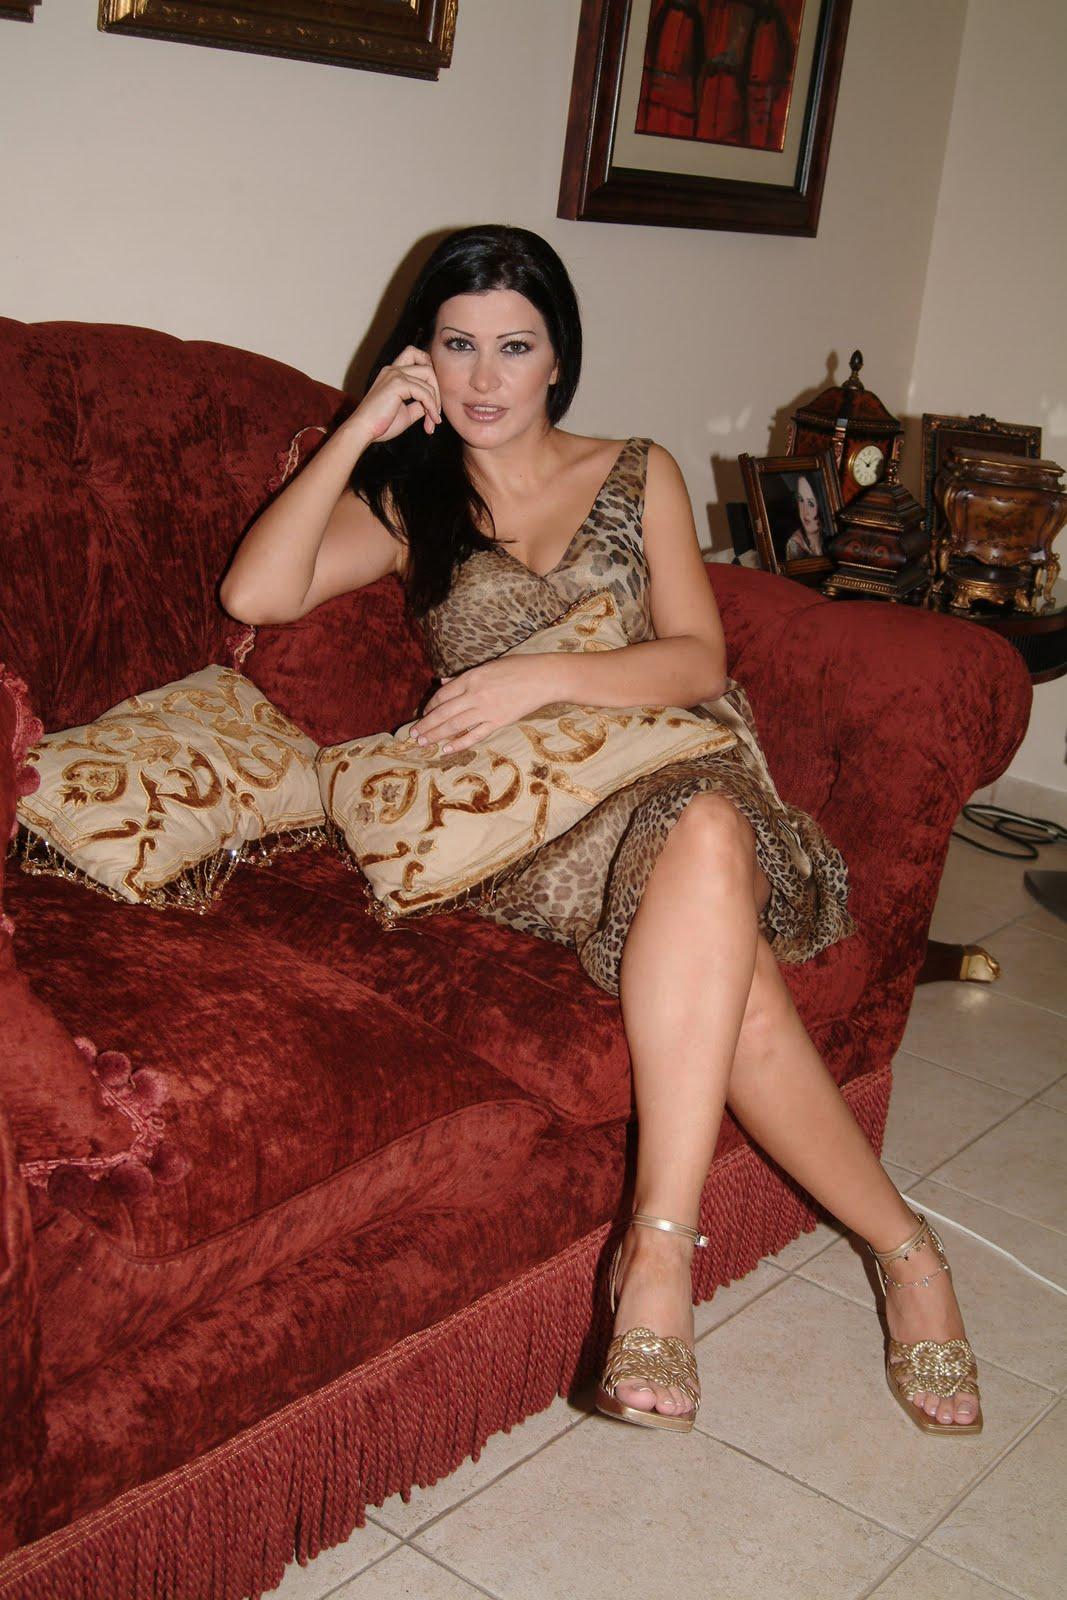 جمانة مراد : أعيش بمفردي و هذه بعض صوري ...